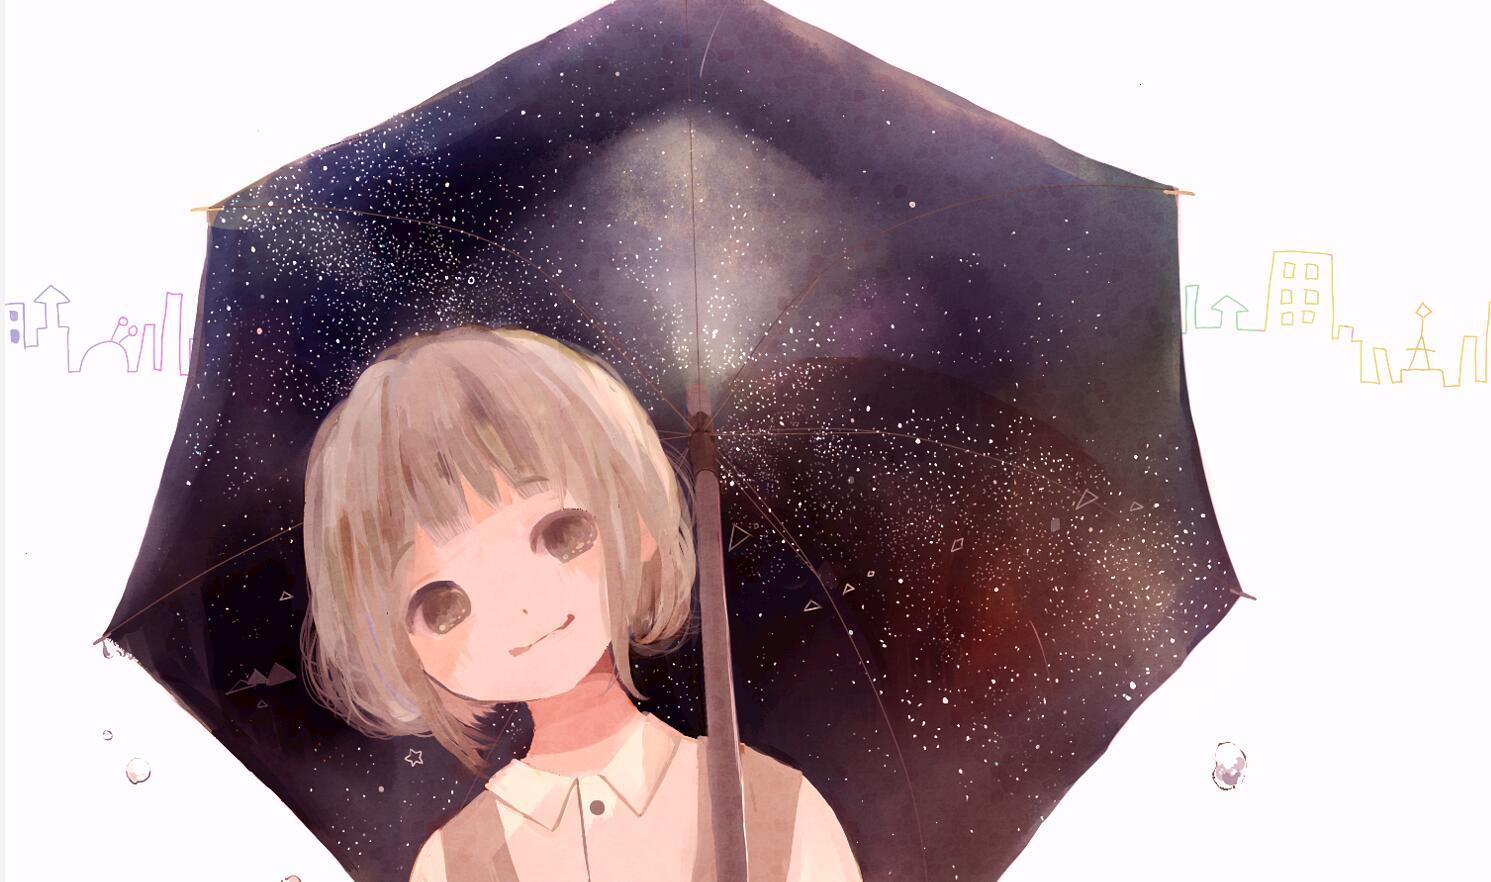 那一天,我丢失的伞。-呢喃网